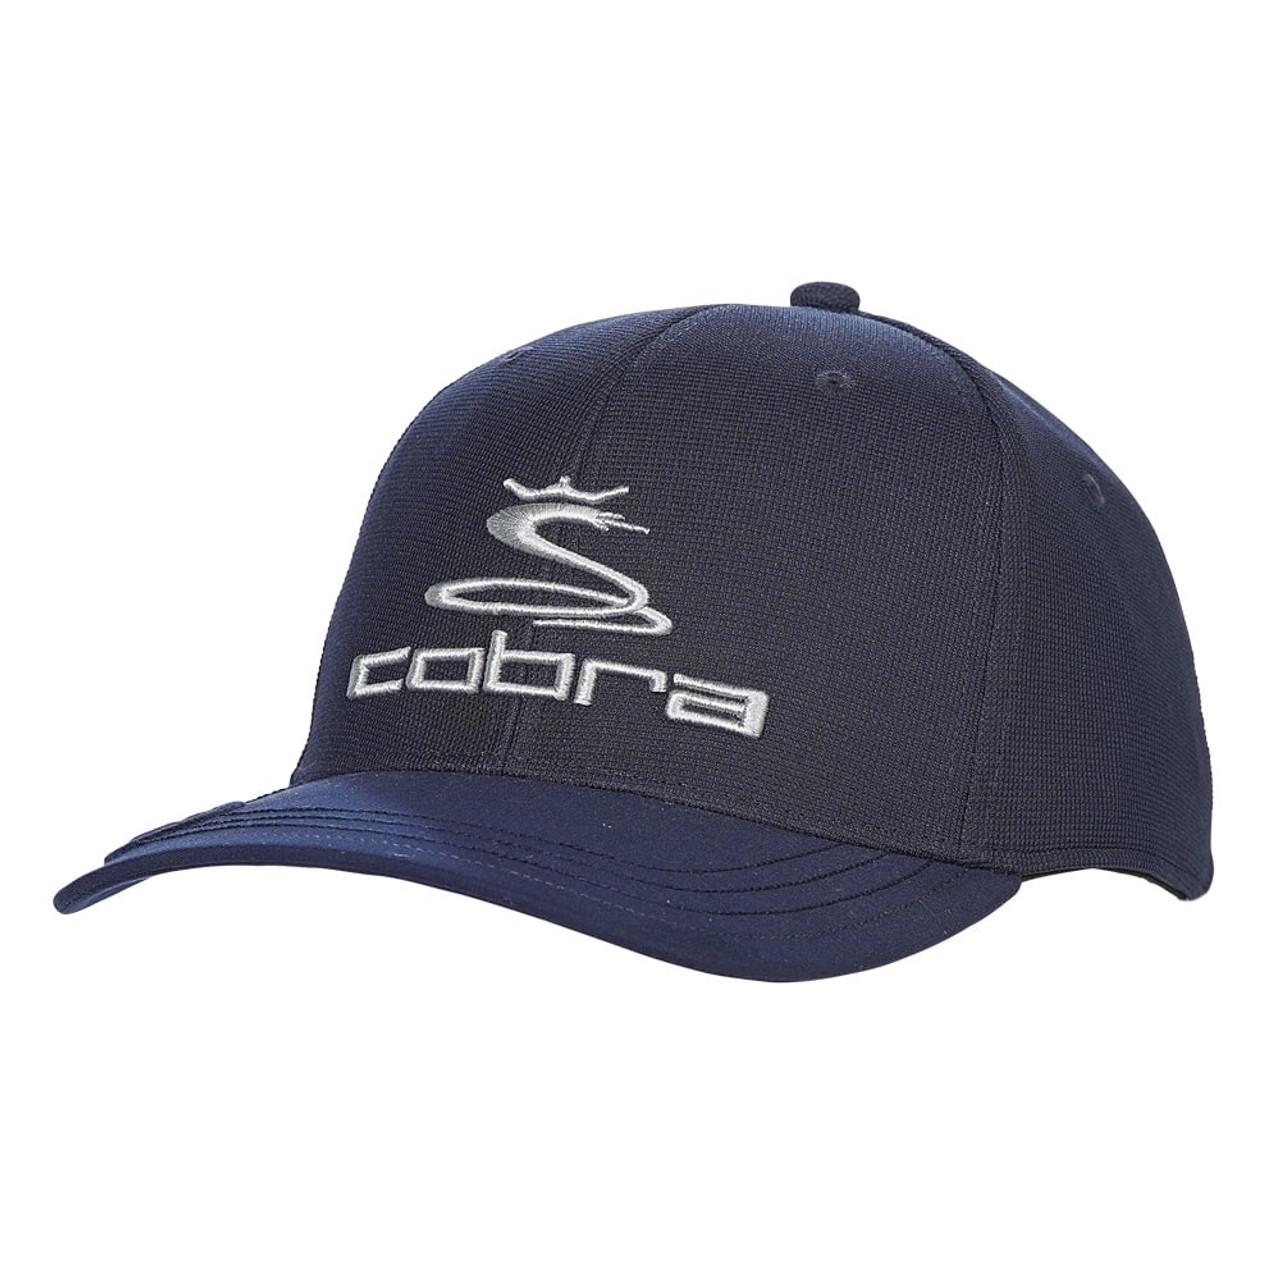 Cobra Ball Marker Adjustable Cap - Peacoat